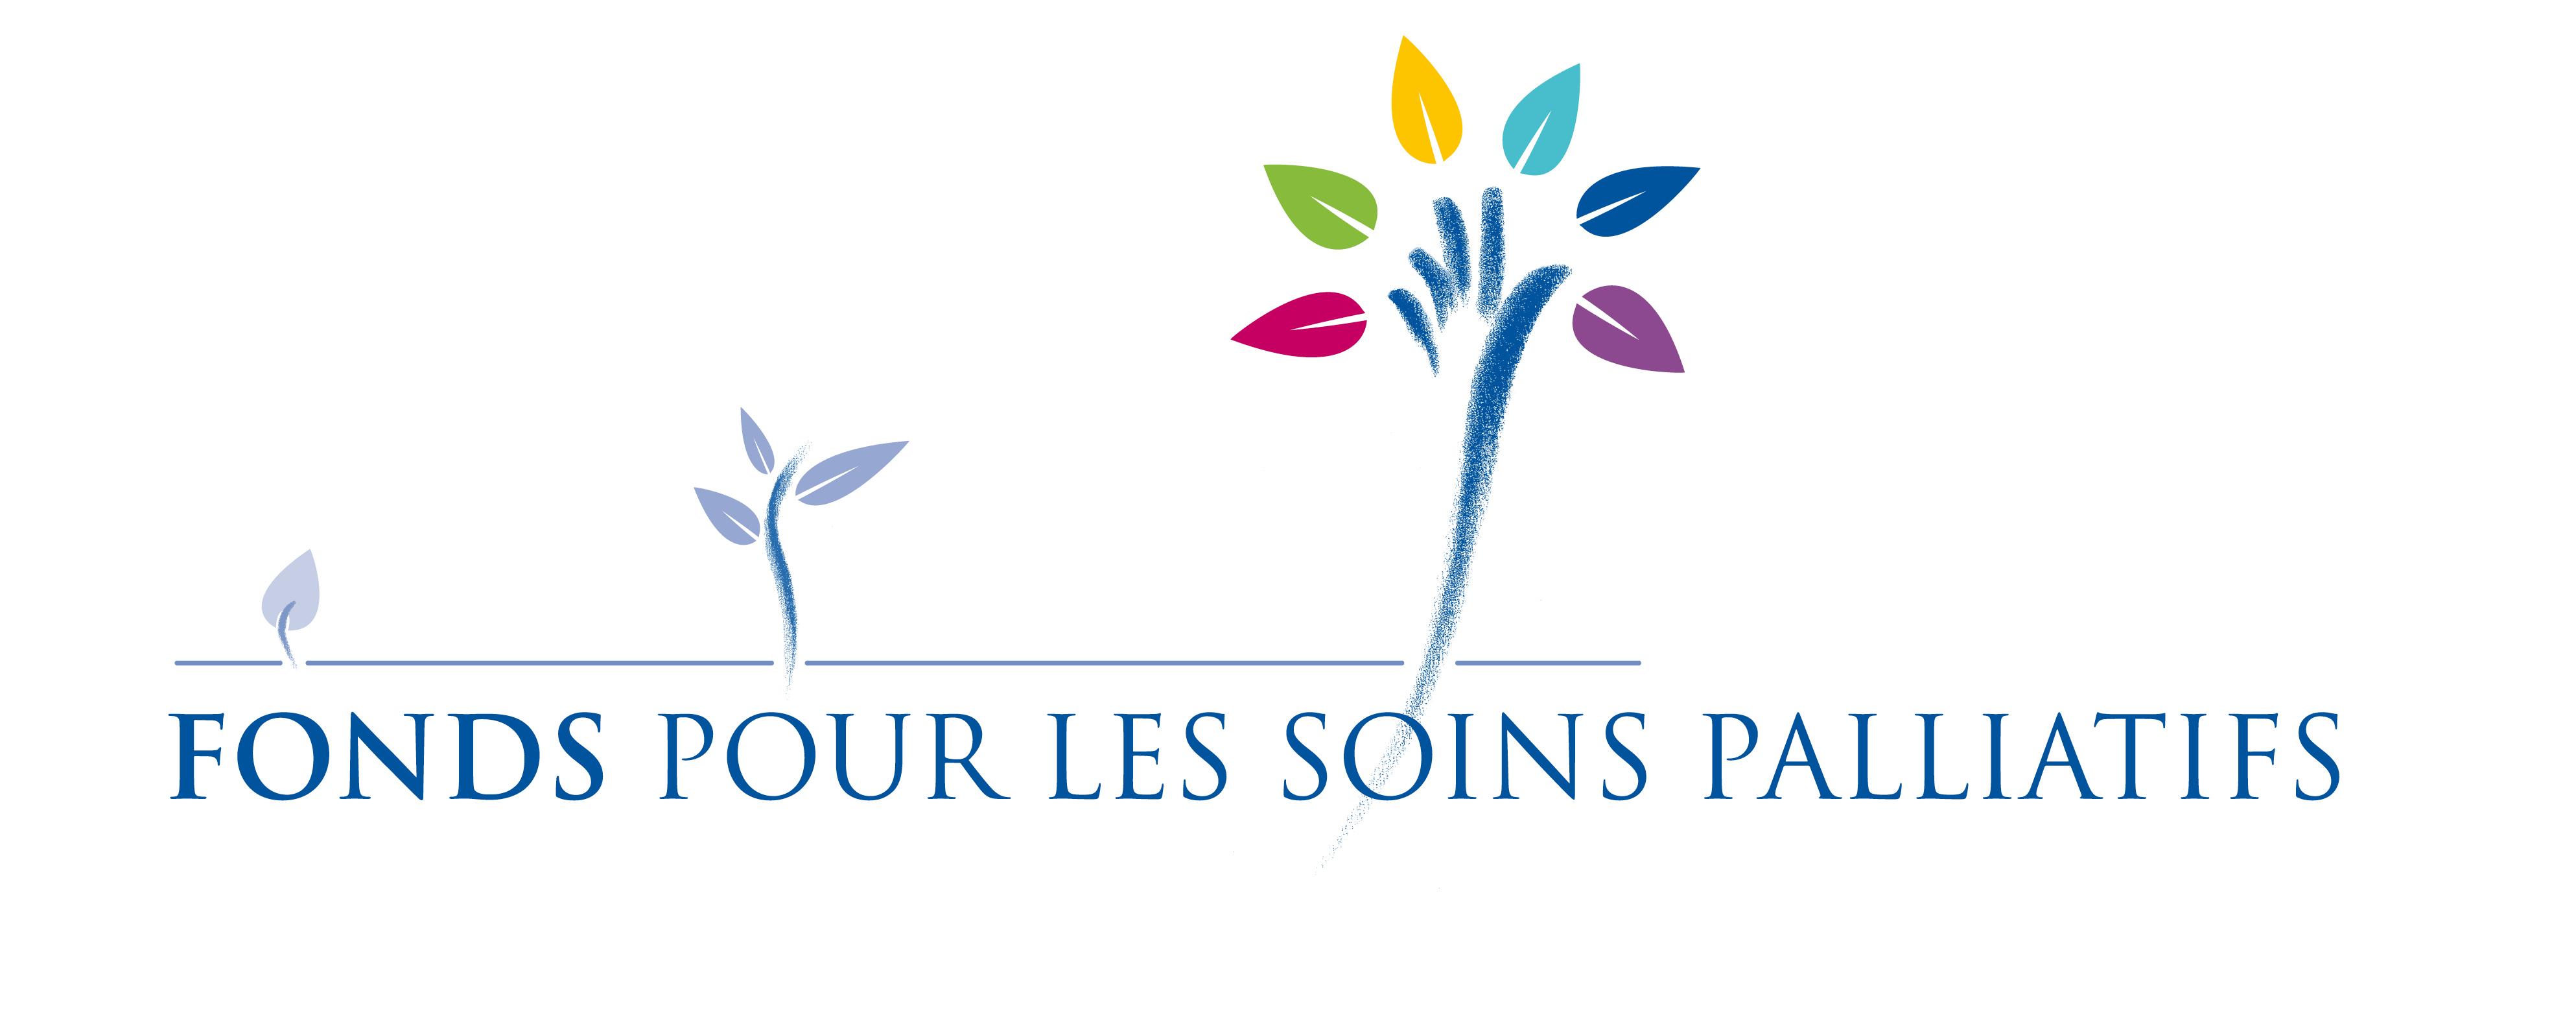 Fonds pour les soins palliatifs association tournesol for Fond pour les photos